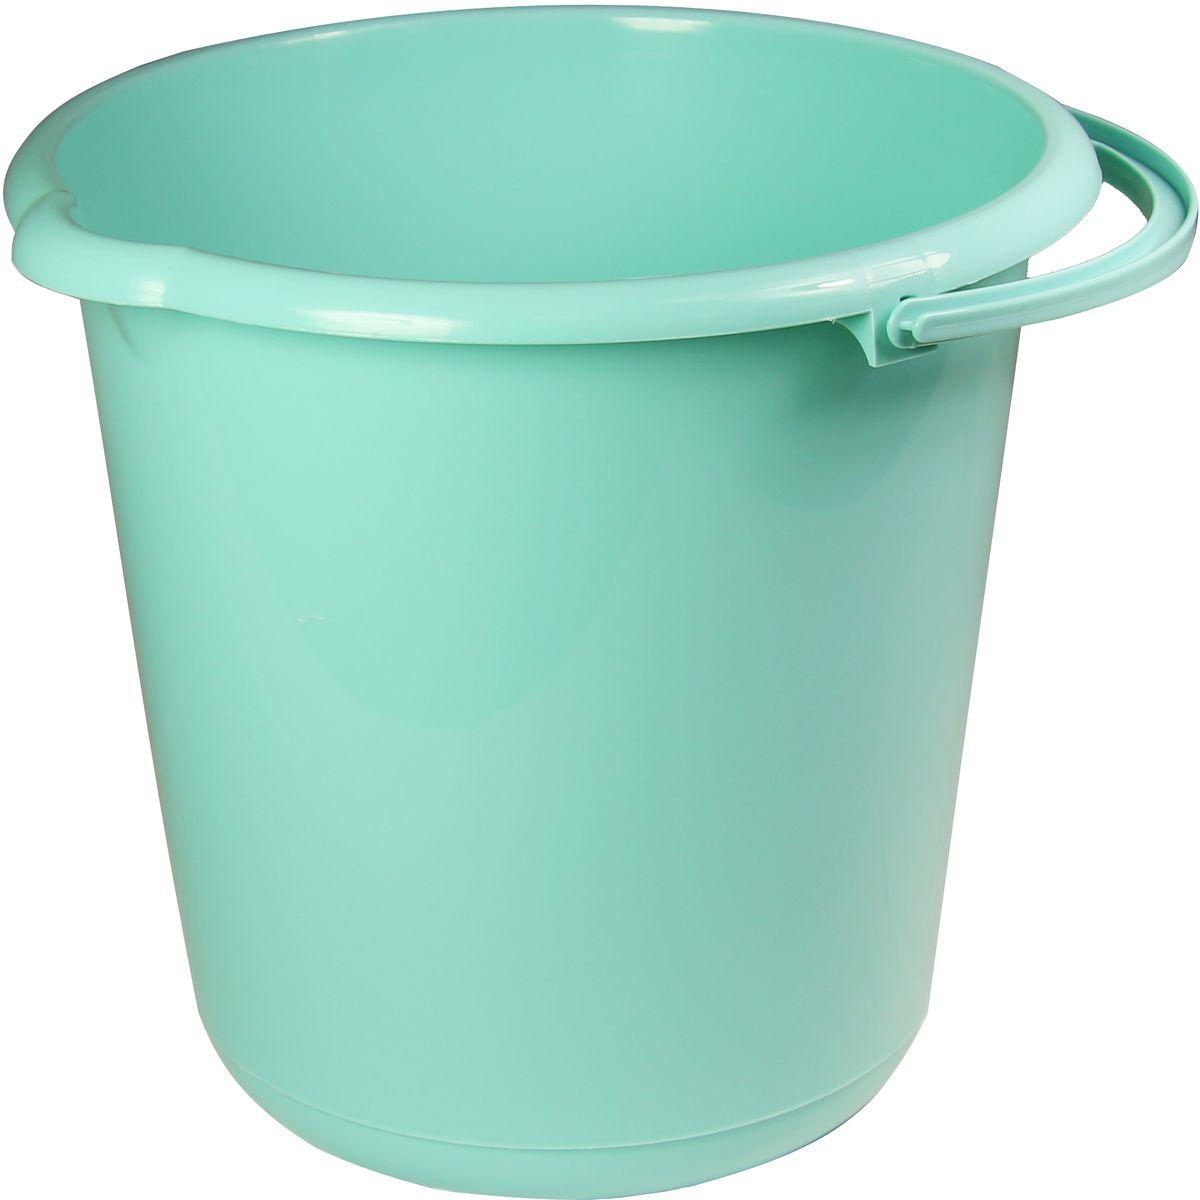 Ведро Idea, цвет: аквамарин, 10 лМ 2430Ведро Idea - качественное изделие, выполненное из полипропилена. Ведро имеет удобную ручку. Носик и углубление на дне для удобства слива воды. Объем: 10 л.